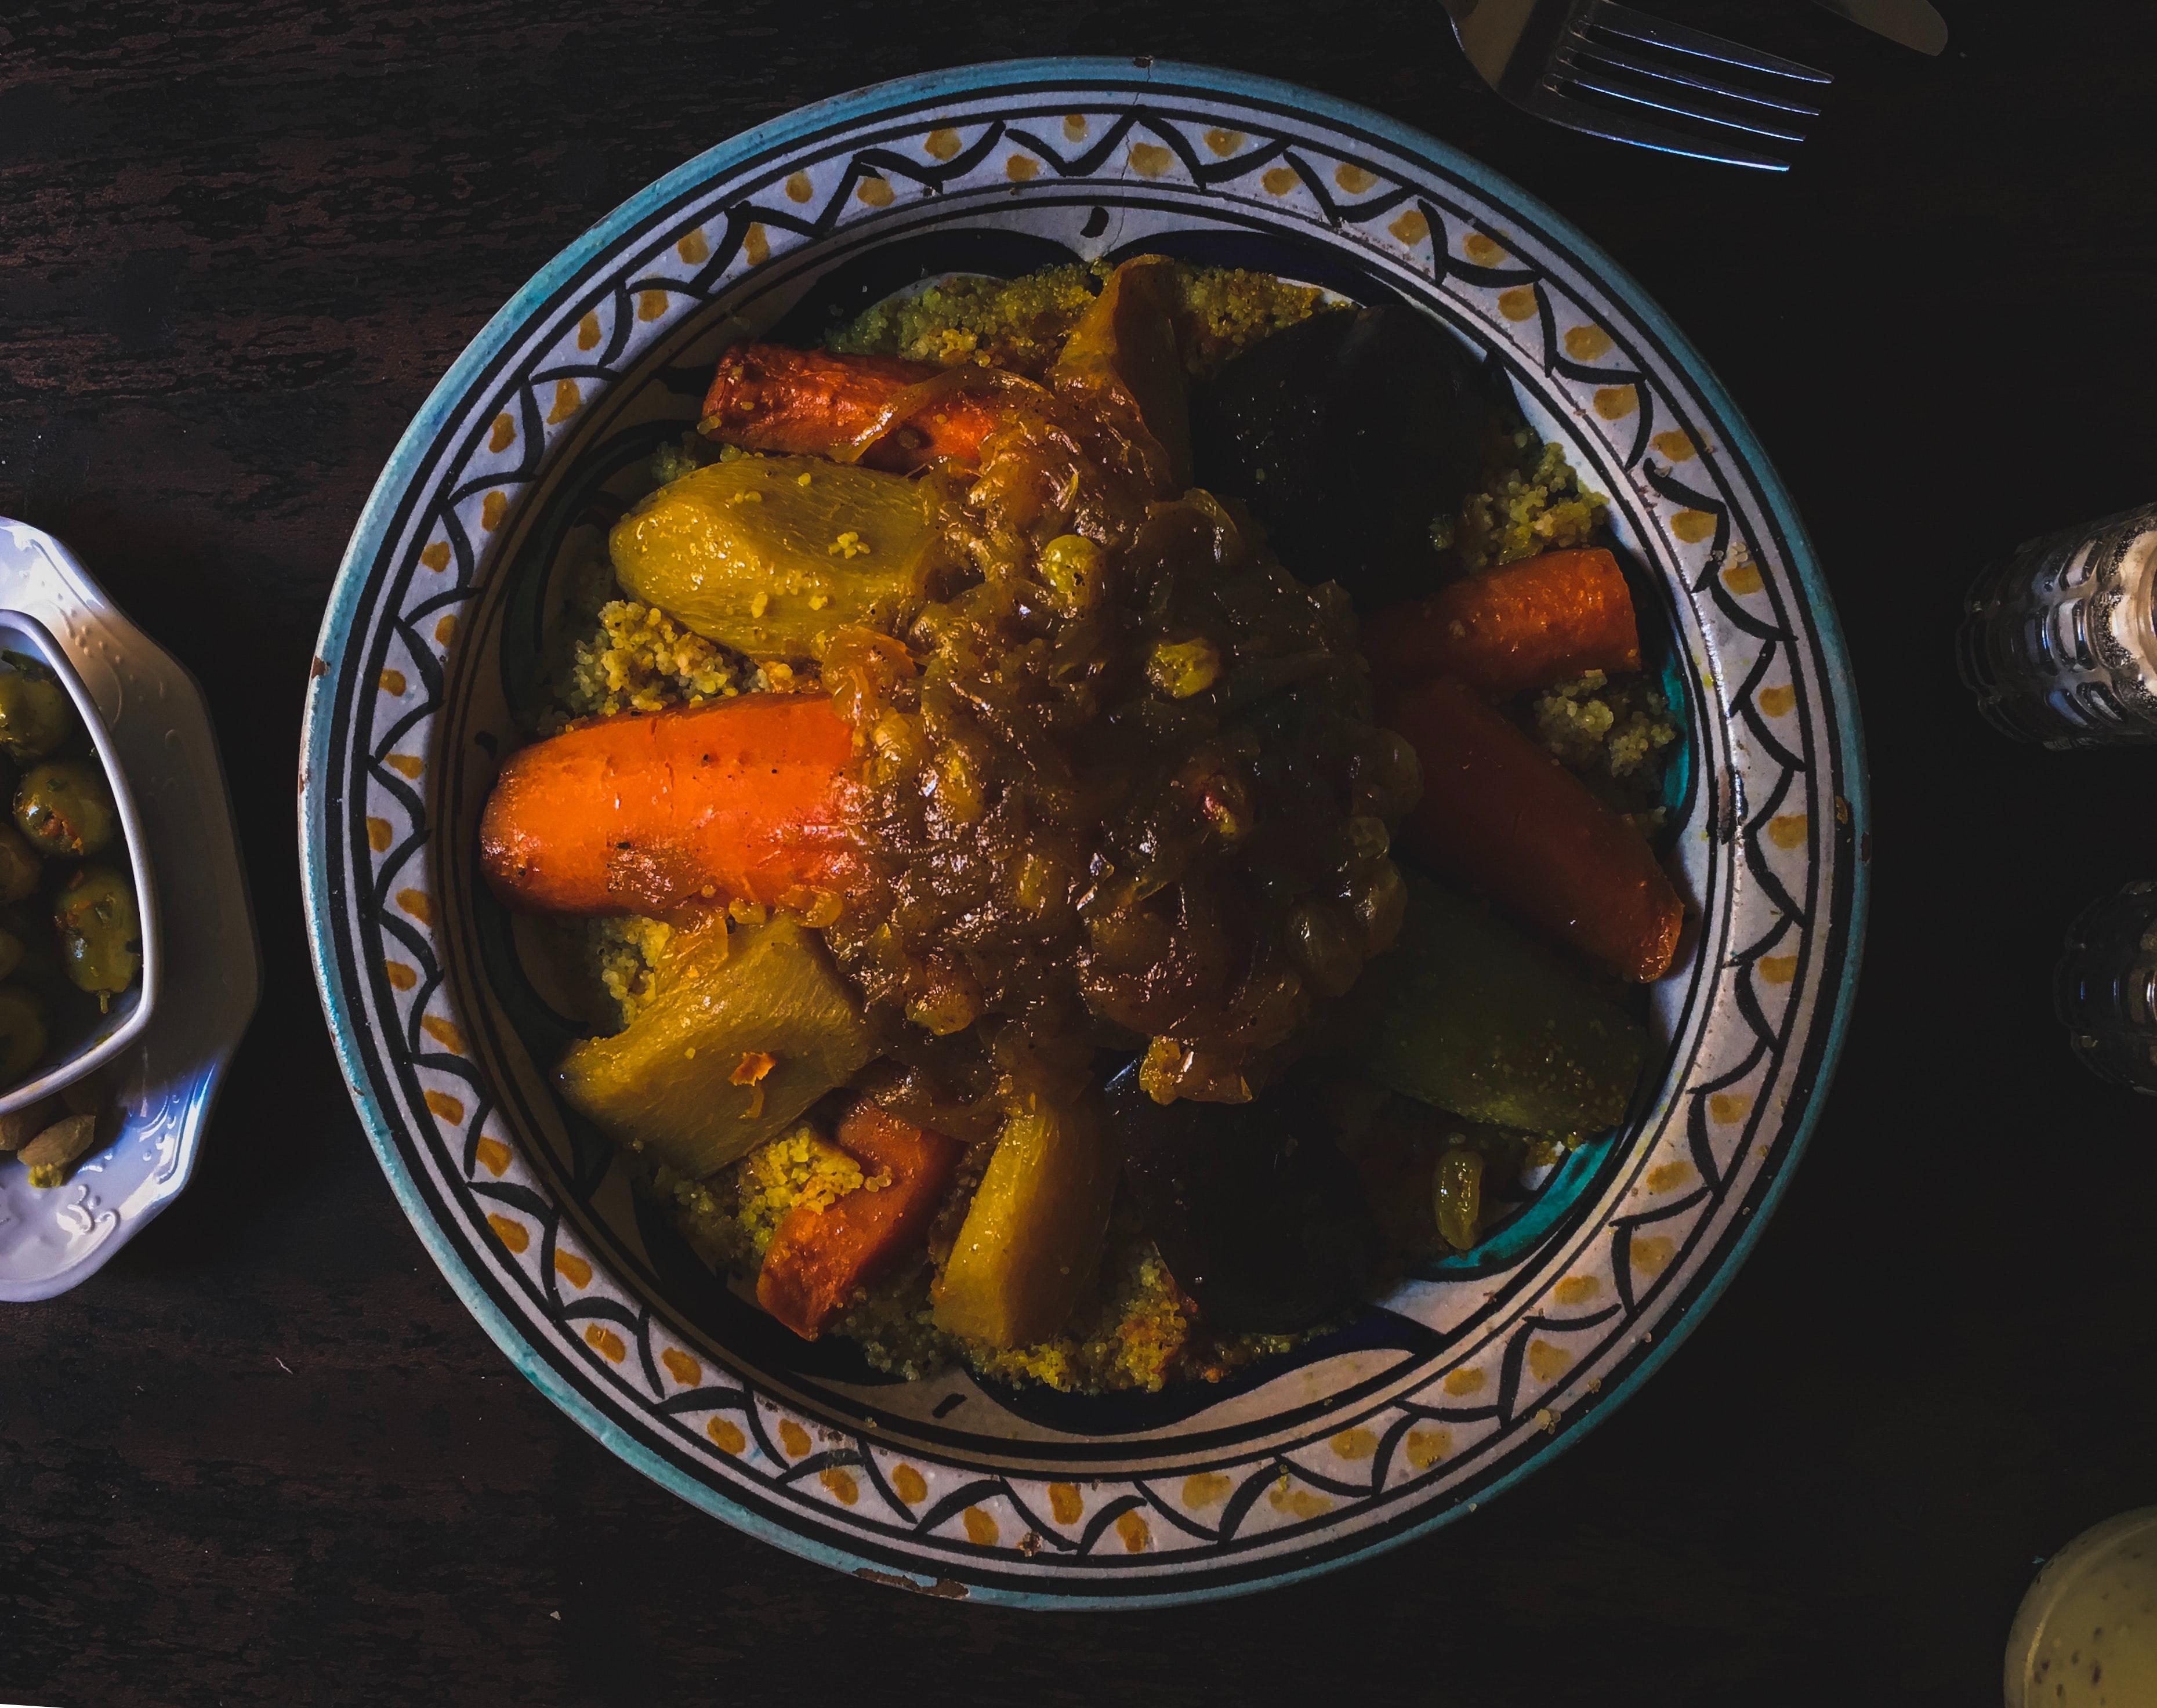 JEP Atelier culinaire: Coucous algérien